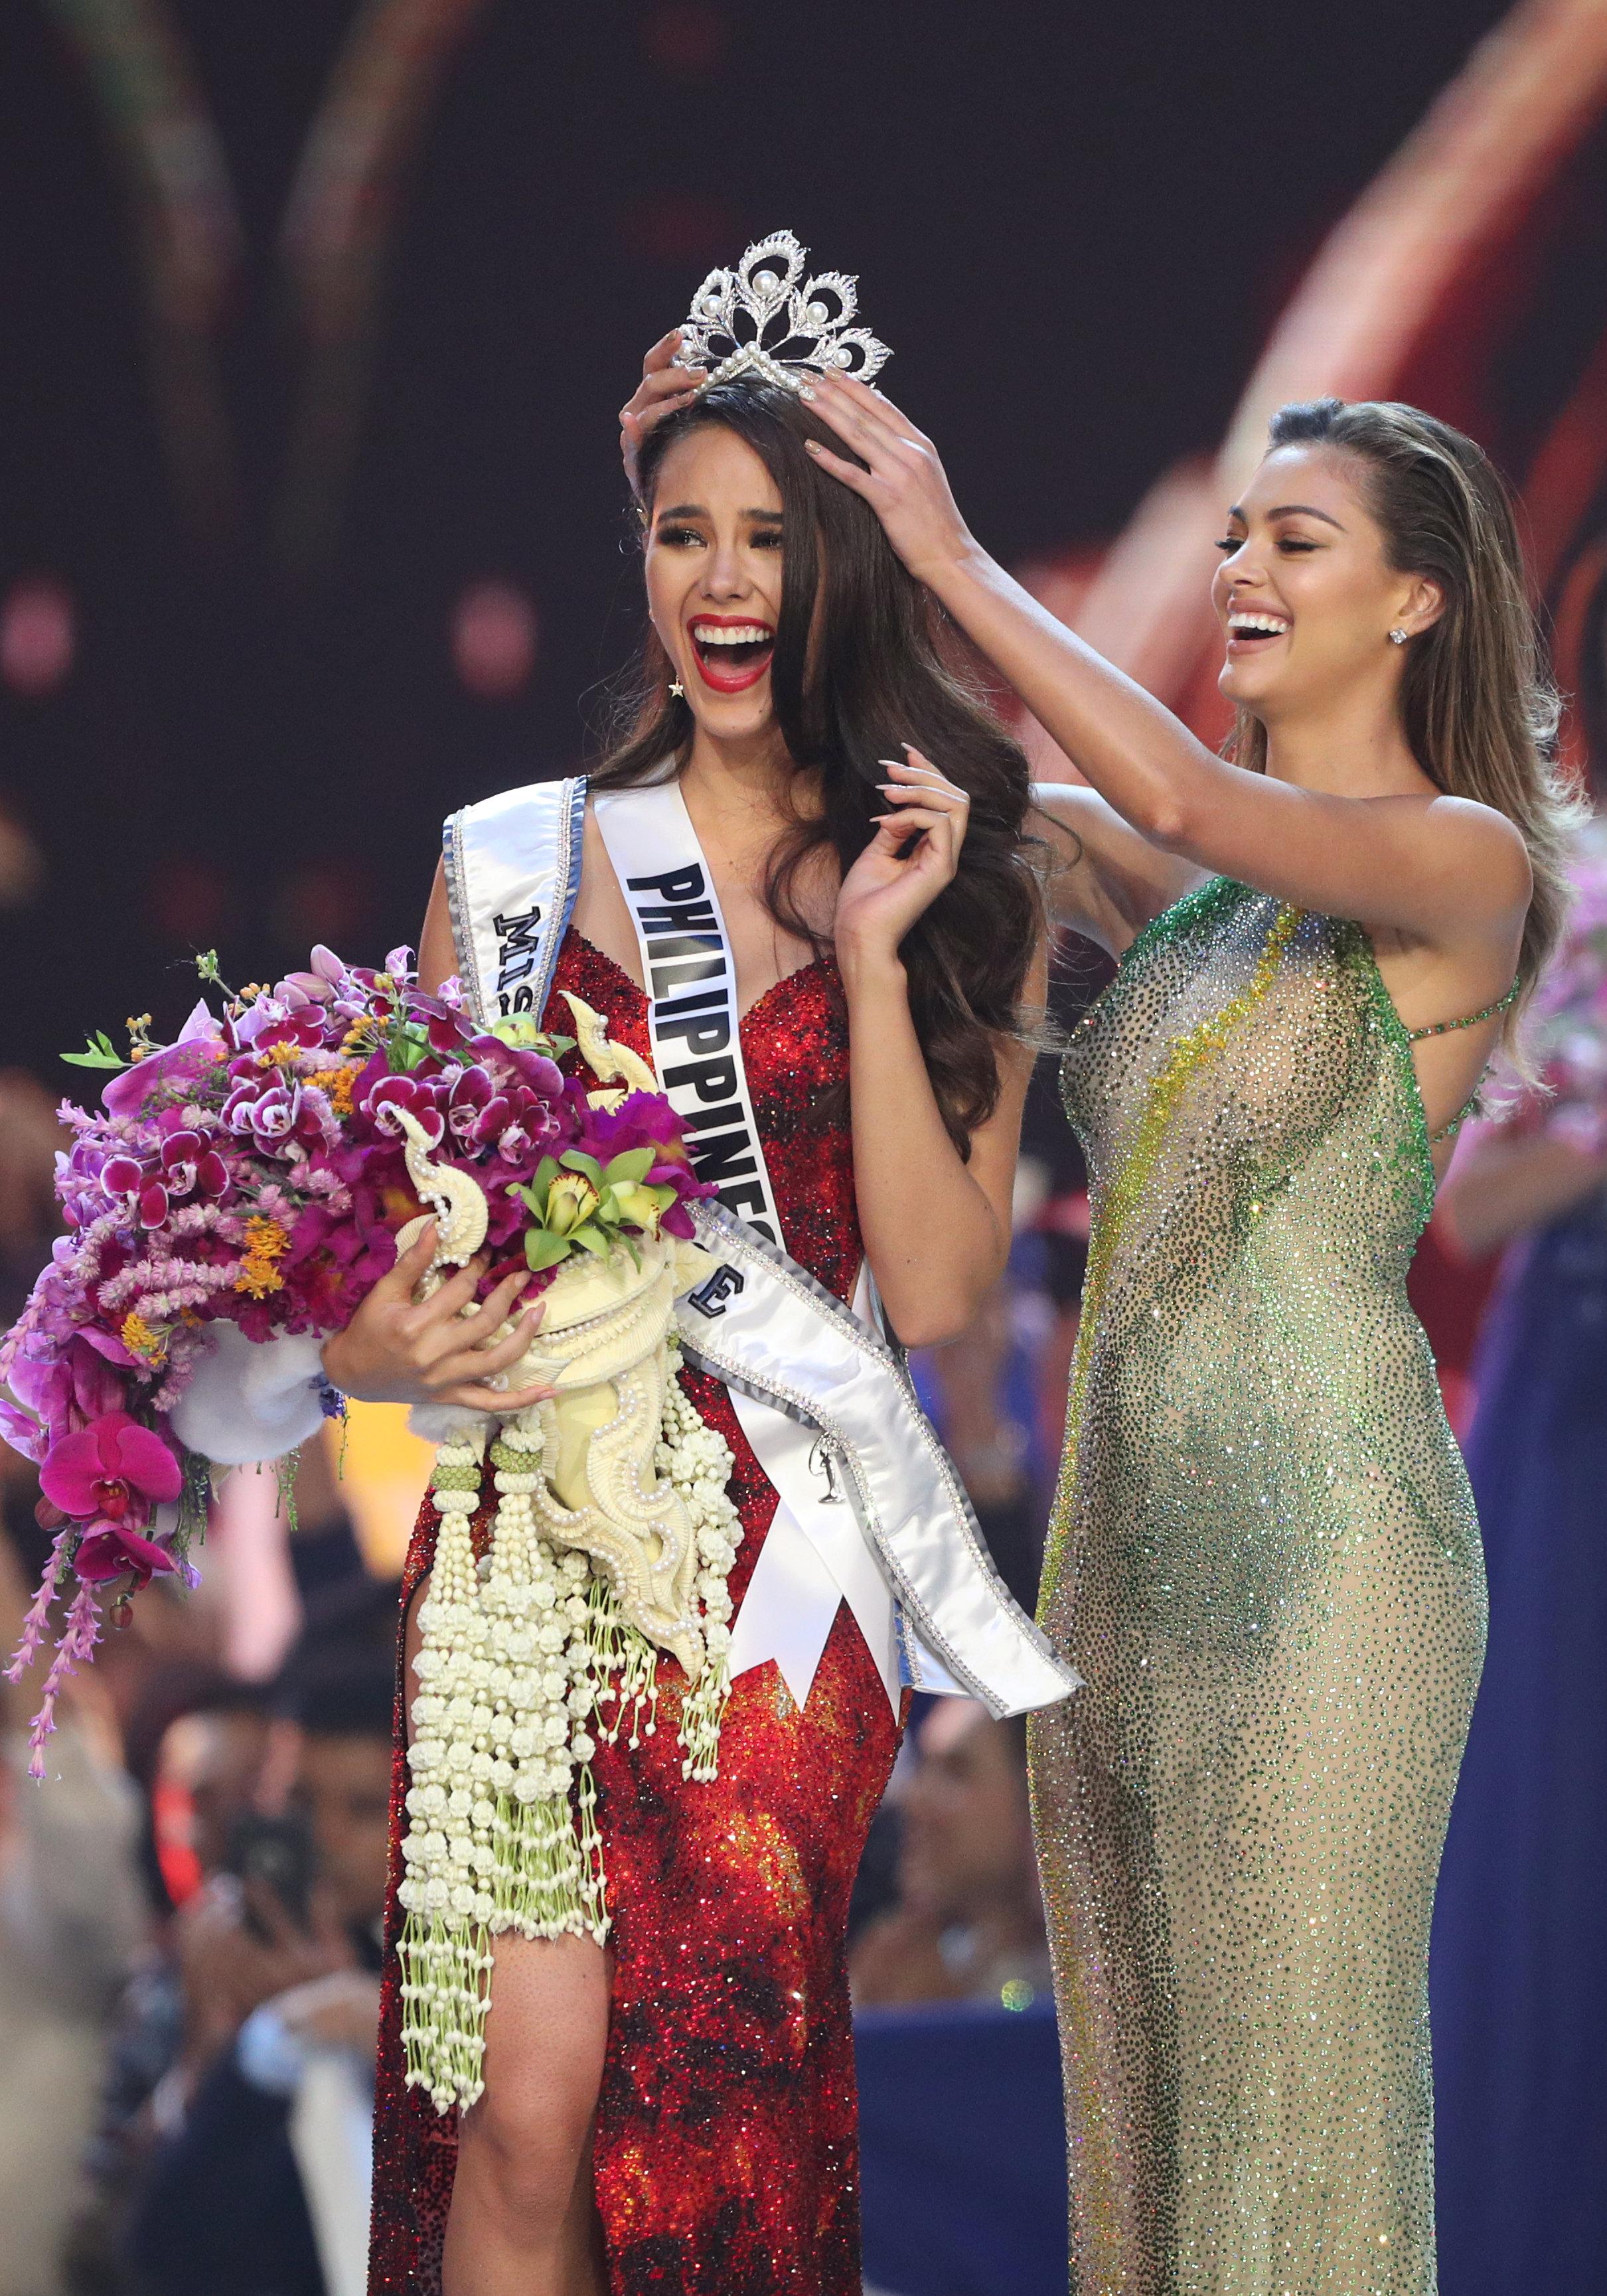 مسابقة ملكة جمال الكون من بانكوك (1)